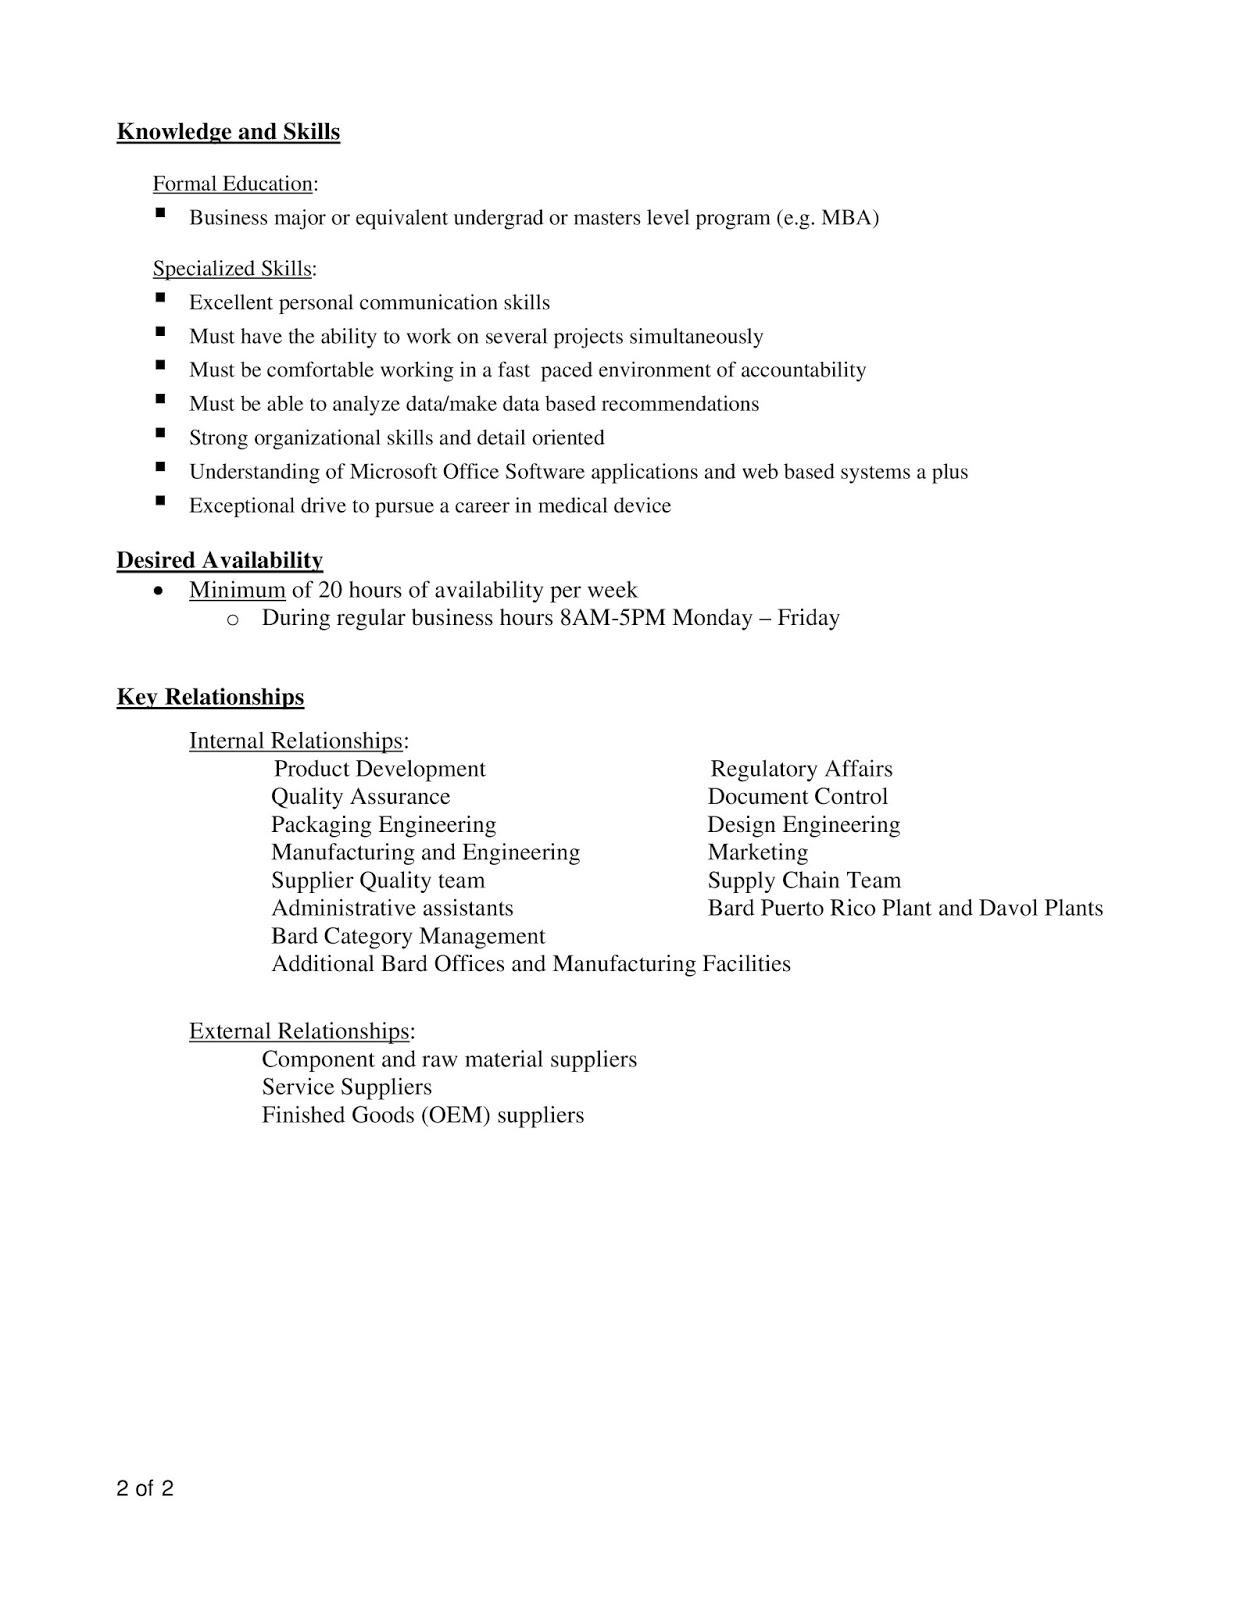 URI CBA Internship/Job Information: BARD Davol Inc